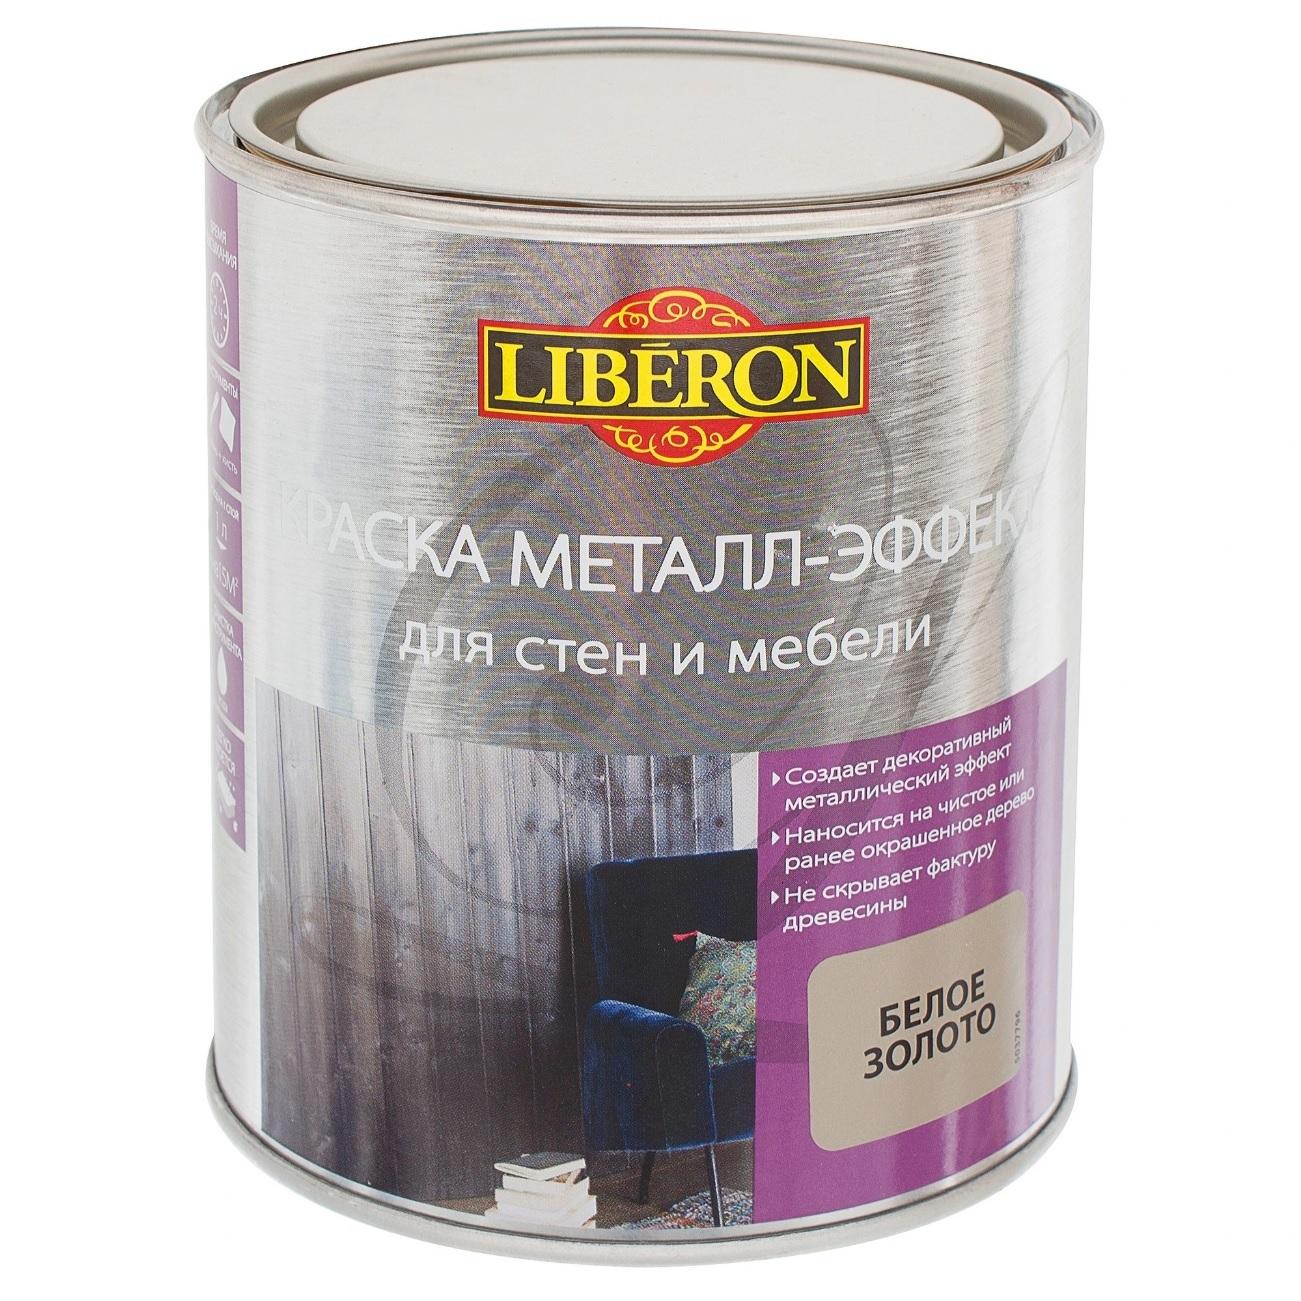 Краска Liberon металл-эффект белое золото1л для дерева краска liberon металл эффект полуглянец алюминий 1л для дерева